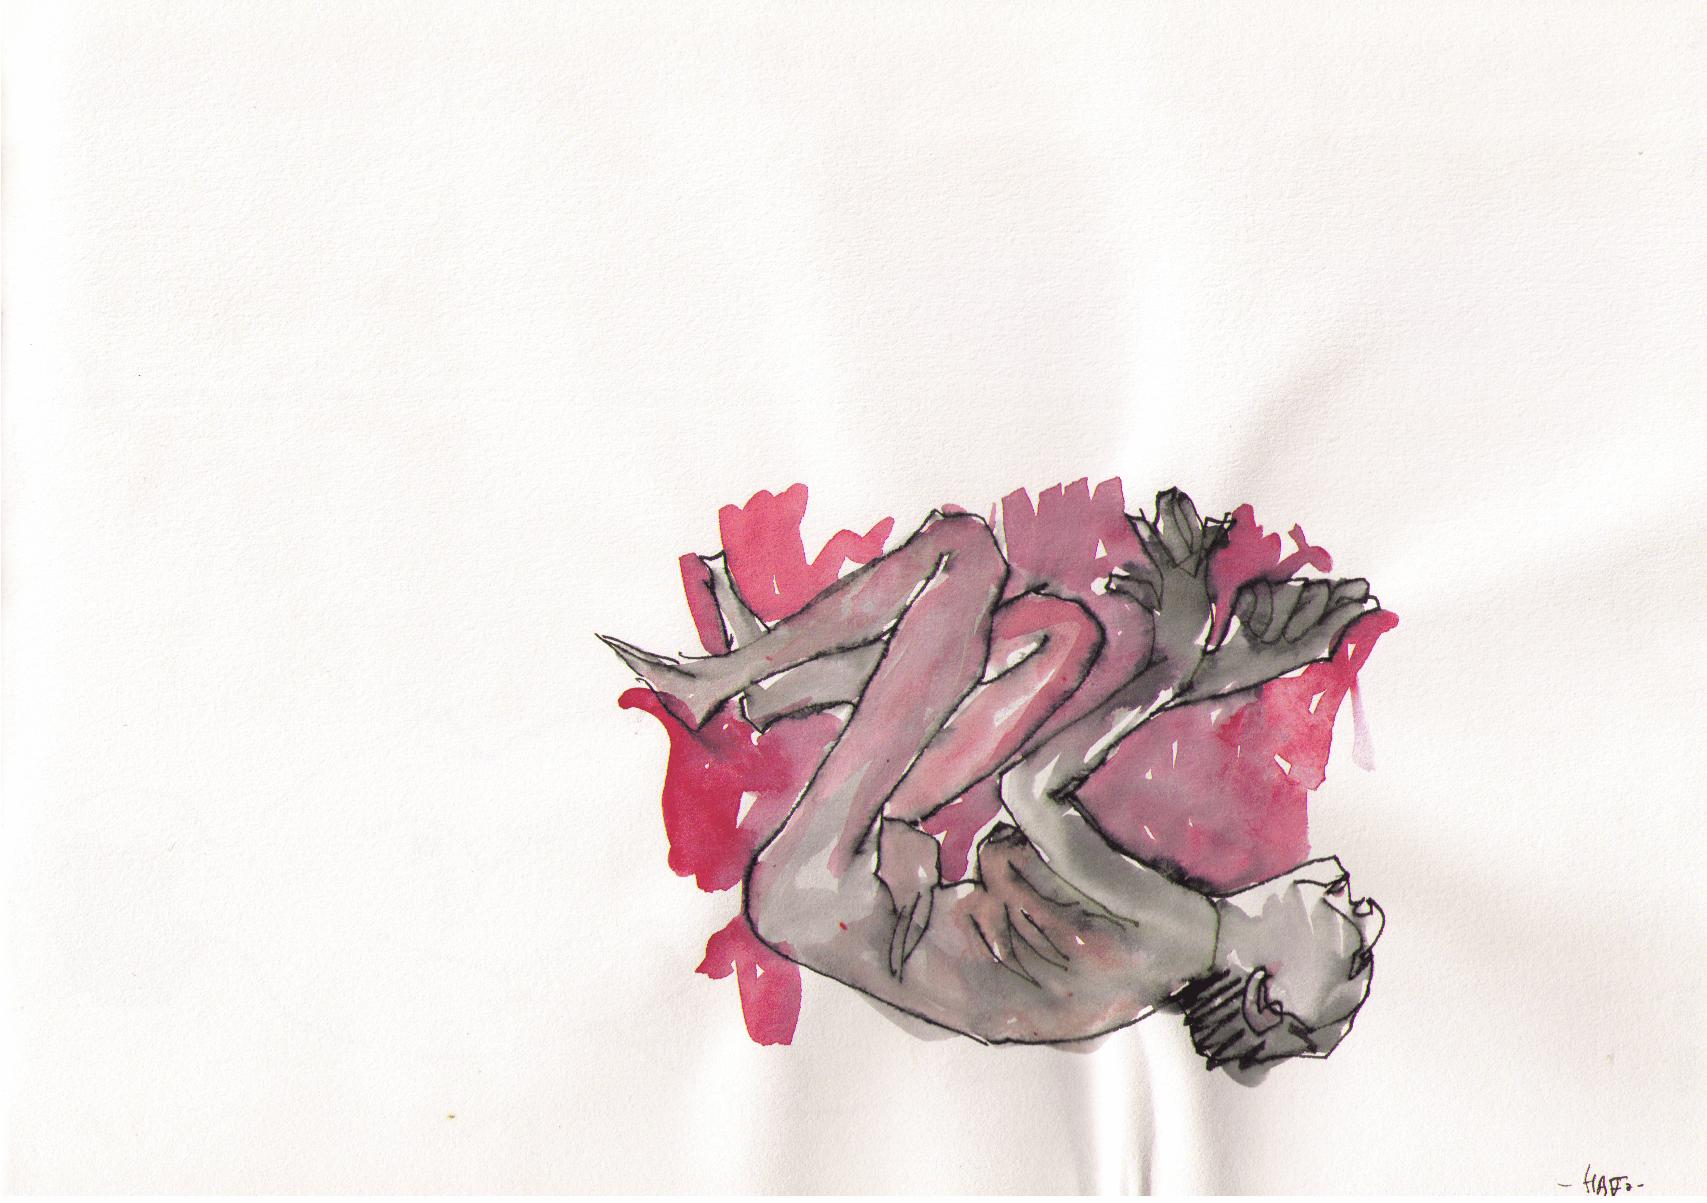 Serie Flesh 42